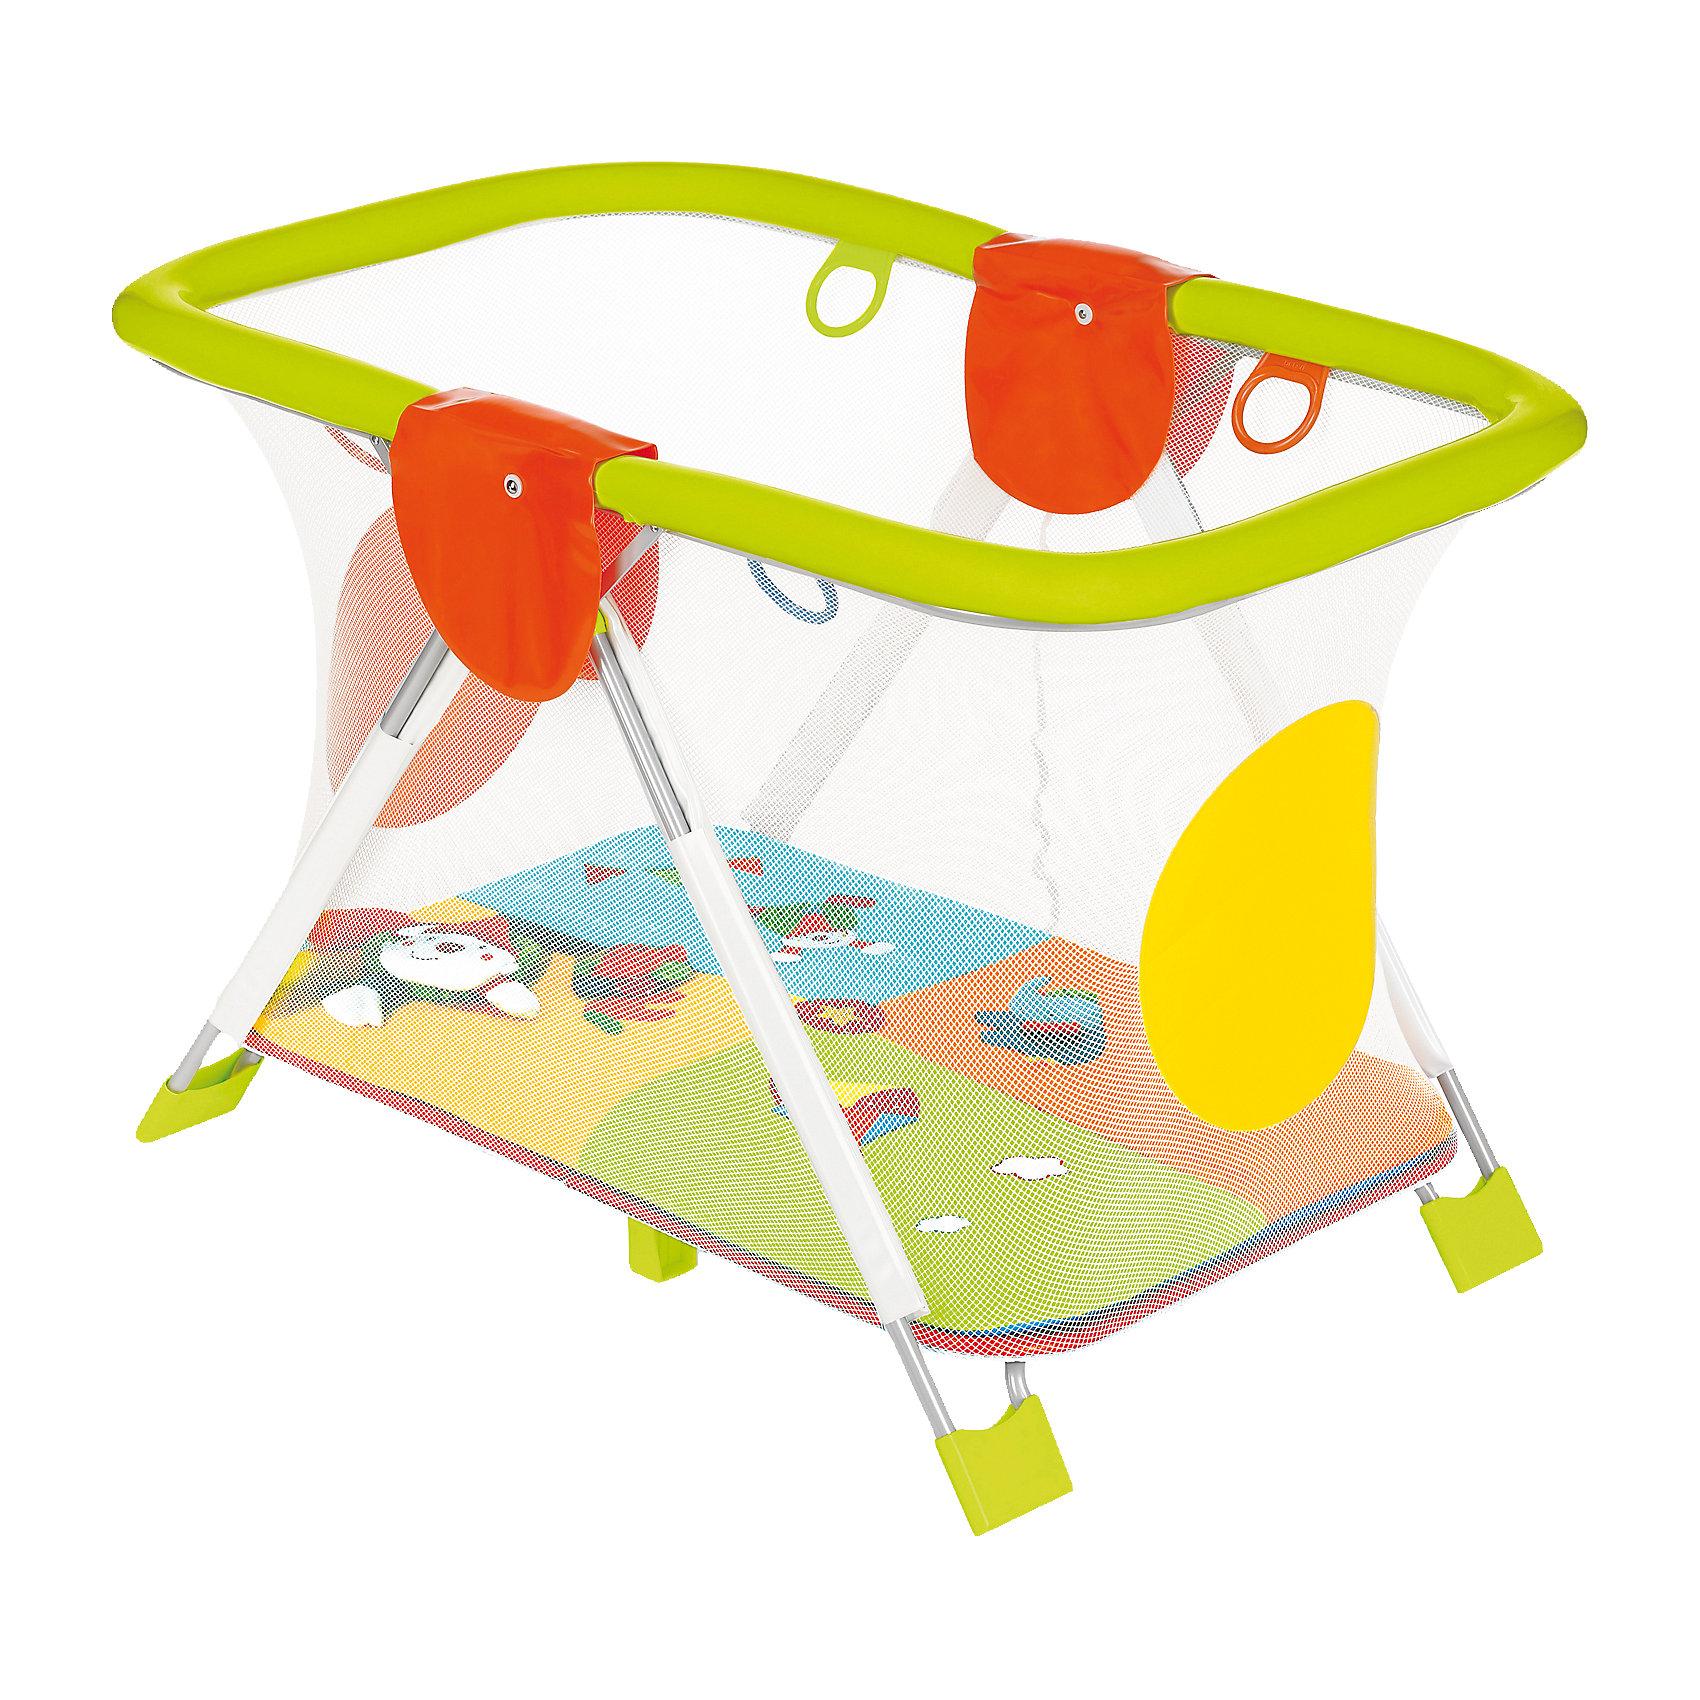 Манеж Soft Play MondoCirco, BreviЗамечательный манеж Soft &amp; Play от Brevi (Бреви) - просто создан для активным малышей! Очень важно, чтобы вещи с которыми соприкасается малыш были безопасными, поэтому манеж Soft &amp; Play выполнен из экологичных материалов и имеет соответствующий сертификат. Манеж красивый и функциональный, он дополнит интерьер детской и привлечет внимание малыша. Главной особенностью манежа Soft &amp; Play, является то, что малышу никогда не будет скучно в нем! Коврик с разнообразными игрушками на дне манежа не только развлечет кроху, но и поможет ему развивать моторику и координацию движений. Манеж Soft &amp; Play продуман до мелочей: он очень компактно складывается одним движением, и Вы можете даже не убирать из него игрушки. Тканевые элементы манежа очень легко постирать, благодаря чему манеж всегда будет выглядеть как новый! <br><br>Дополнительная информация:<br><br>- Материал Pполивинил хлорид без фталатов соответствует нормам 2005/84/EC;<br>- Множество развивающих игрушек;<br>- Красивый развивающий манеж;<br>- Бортики из сетки для прекрасного обзора и эффективной вентиляции;<br>- Мягкие края защитят от ударов;<br>- Четыре надежных блокиратора не позволят перевернуть манеж даже активному малышу;<br>- Четыре специальные ручки помогут малышу научиться вставать;<br>- Компактно складывается, удобен для хранения;<br>- Тканевые элементы легко стирать в стиральной машине;<br>- На дне манежа забавный игровой коврик;<br>- Дизайн:  MondoCirco;<br>- Размер: 111 х 80 х 85 см;<br>- Размер в сложенном виде: 111 х 25 см;<br>- Вес: 10,8 кг<br><br>Манеж Soft &amp; Play MondoCirco, Brevi (Бреви) можно купить в нашем интернет-магазине.<br><br>Ширина мм: 230<br>Глубина мм: 920<br>Высота мм: 1110<br>Вес г: 10900<br>Возраст от месяцев: 3<br>Возраст до месяцев: 36<br>Пол: Унисекс<br>Возраст: Детский<br>SKU: 4041155